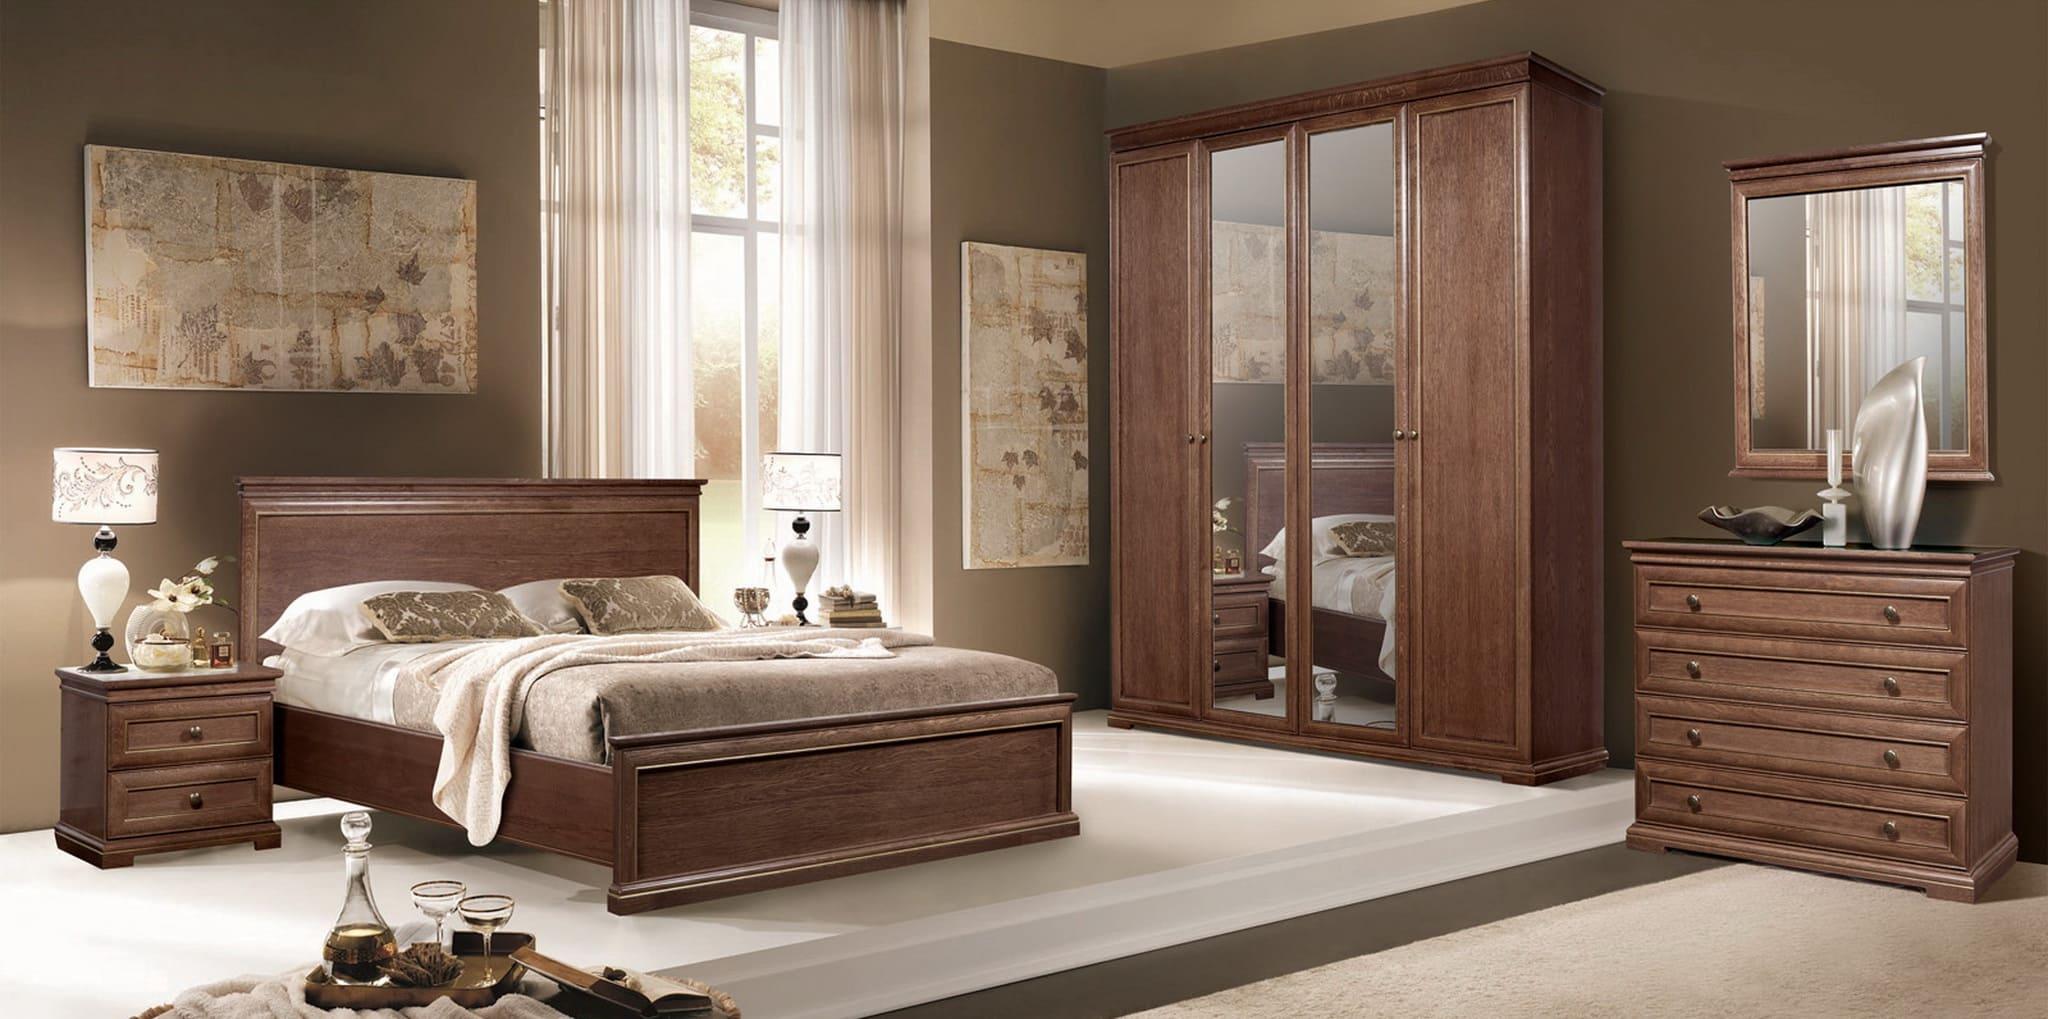 Набор мебели для спальни «Камелия-2» ГМ 8080-02